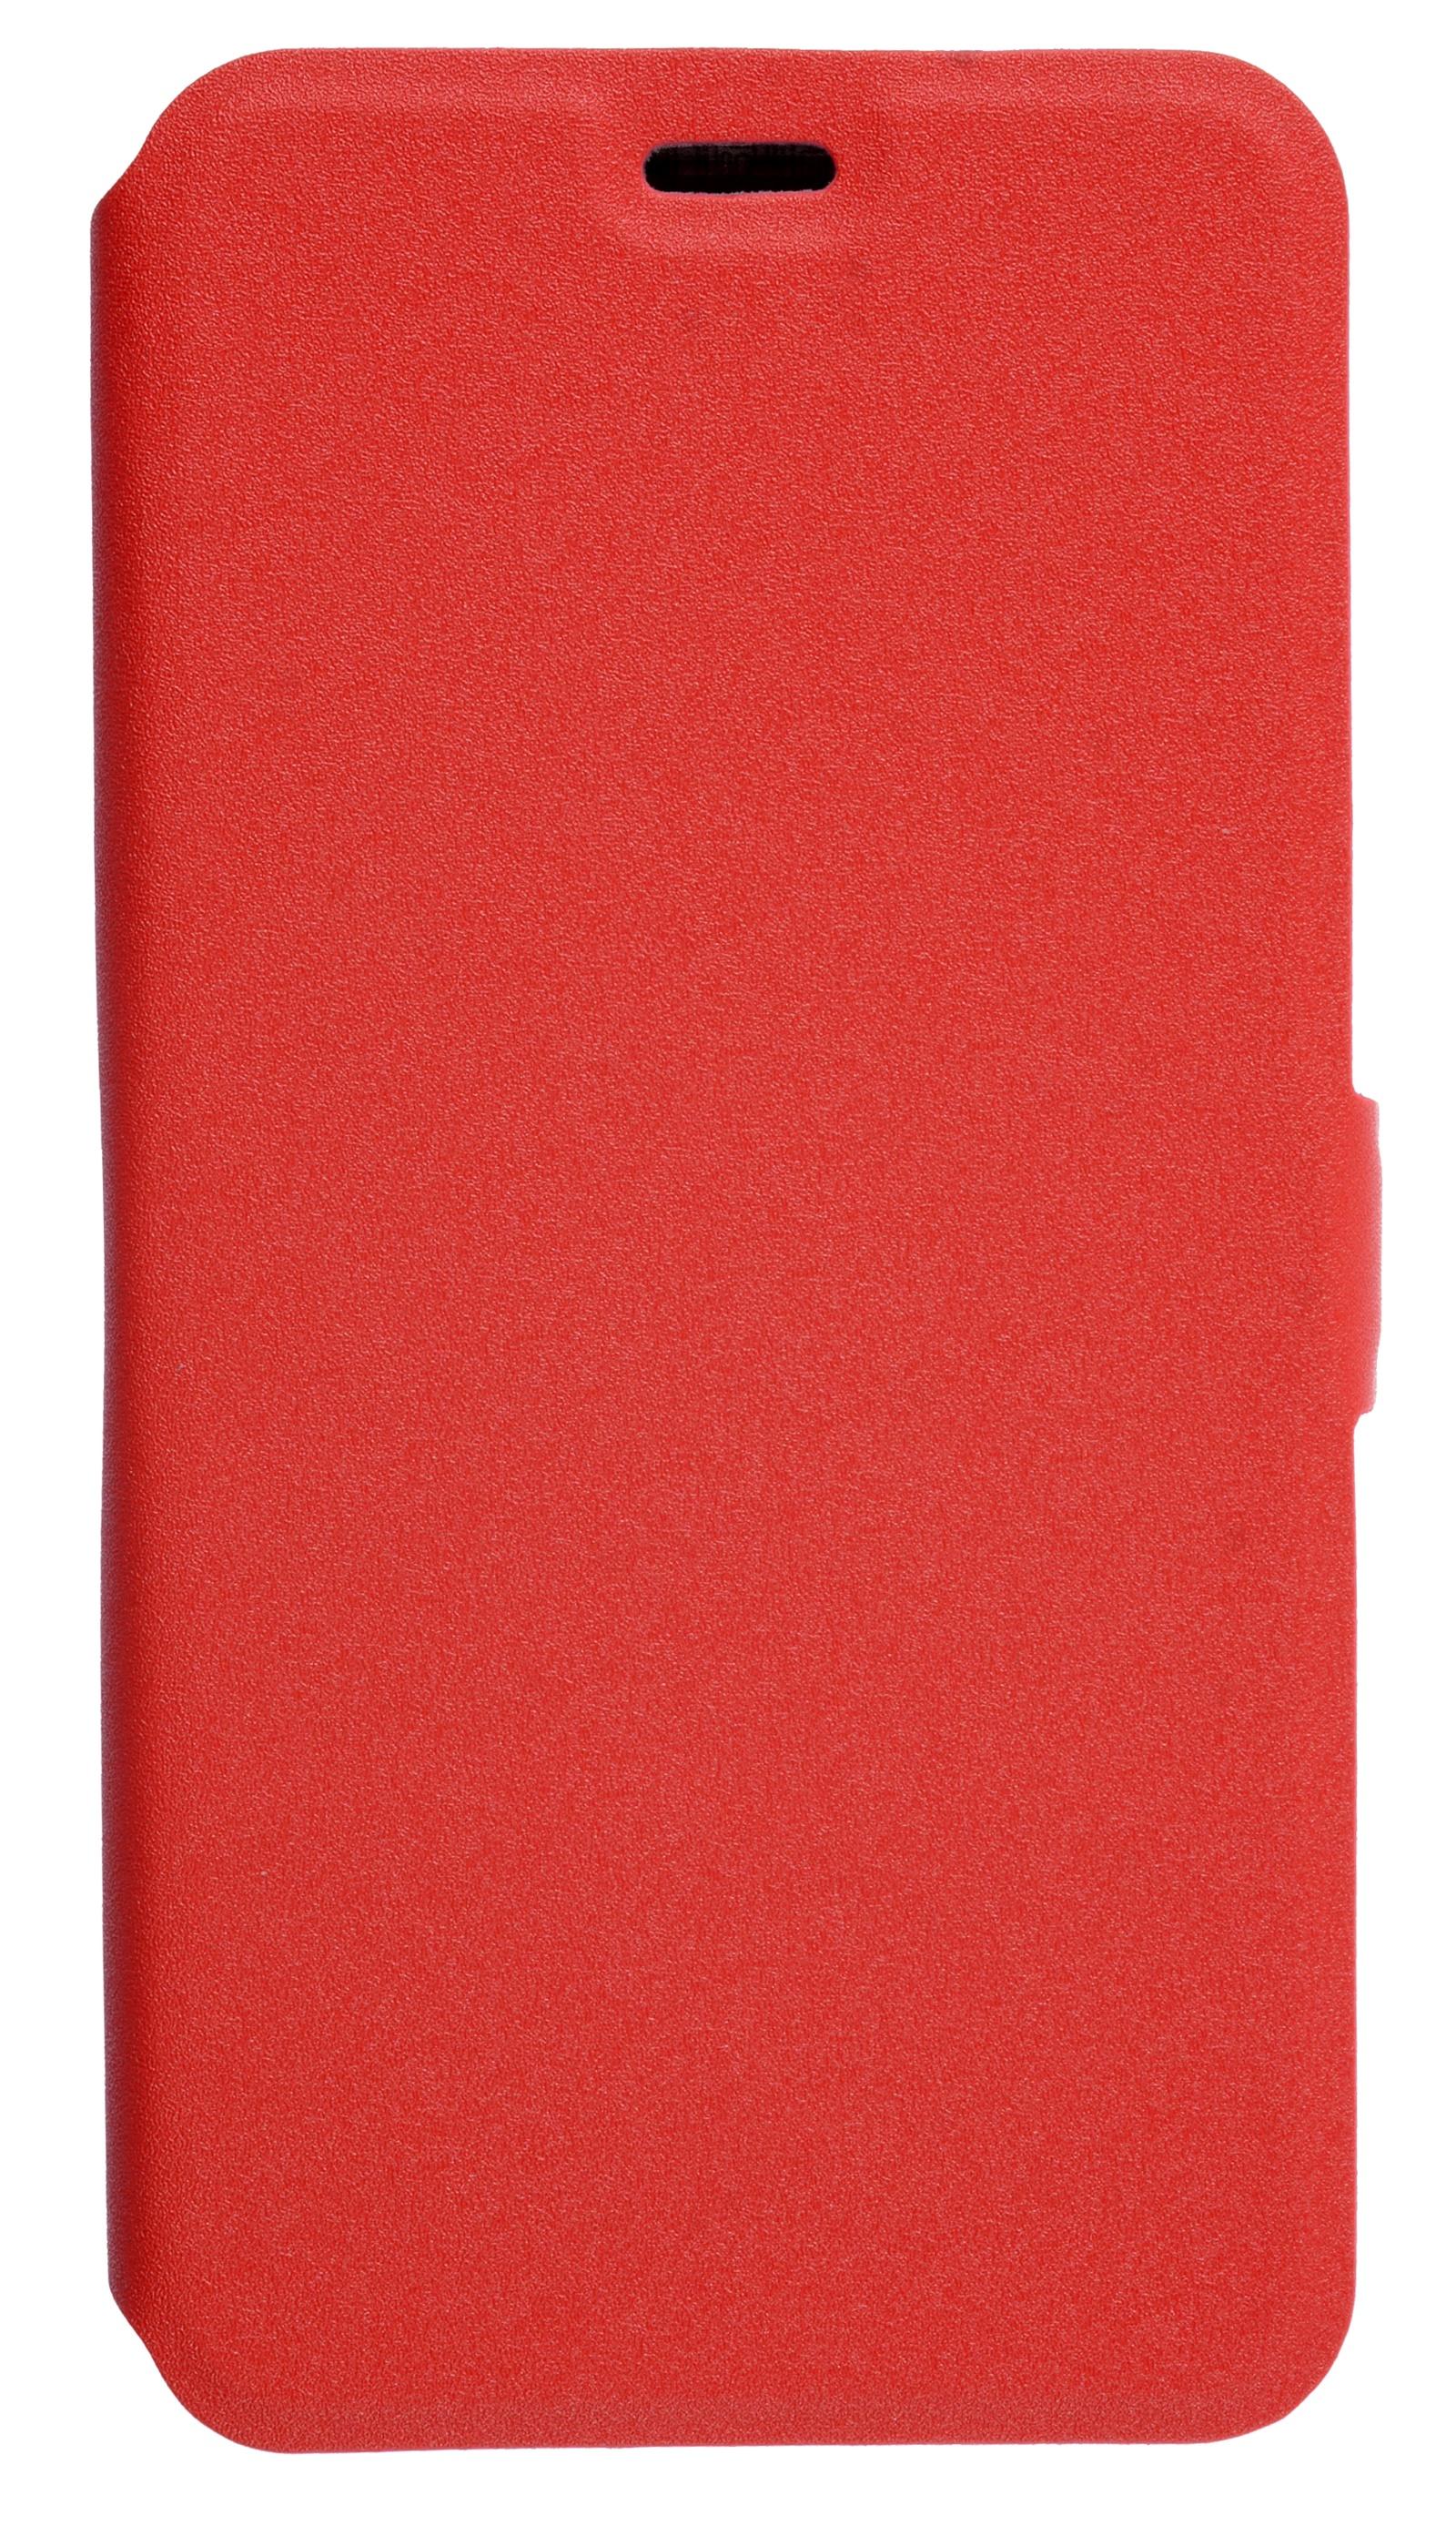 Чехол для сотового телефона PRIME Book, 4630042523678, красный чехол для сотового телефона prime book 4630042523708 красный